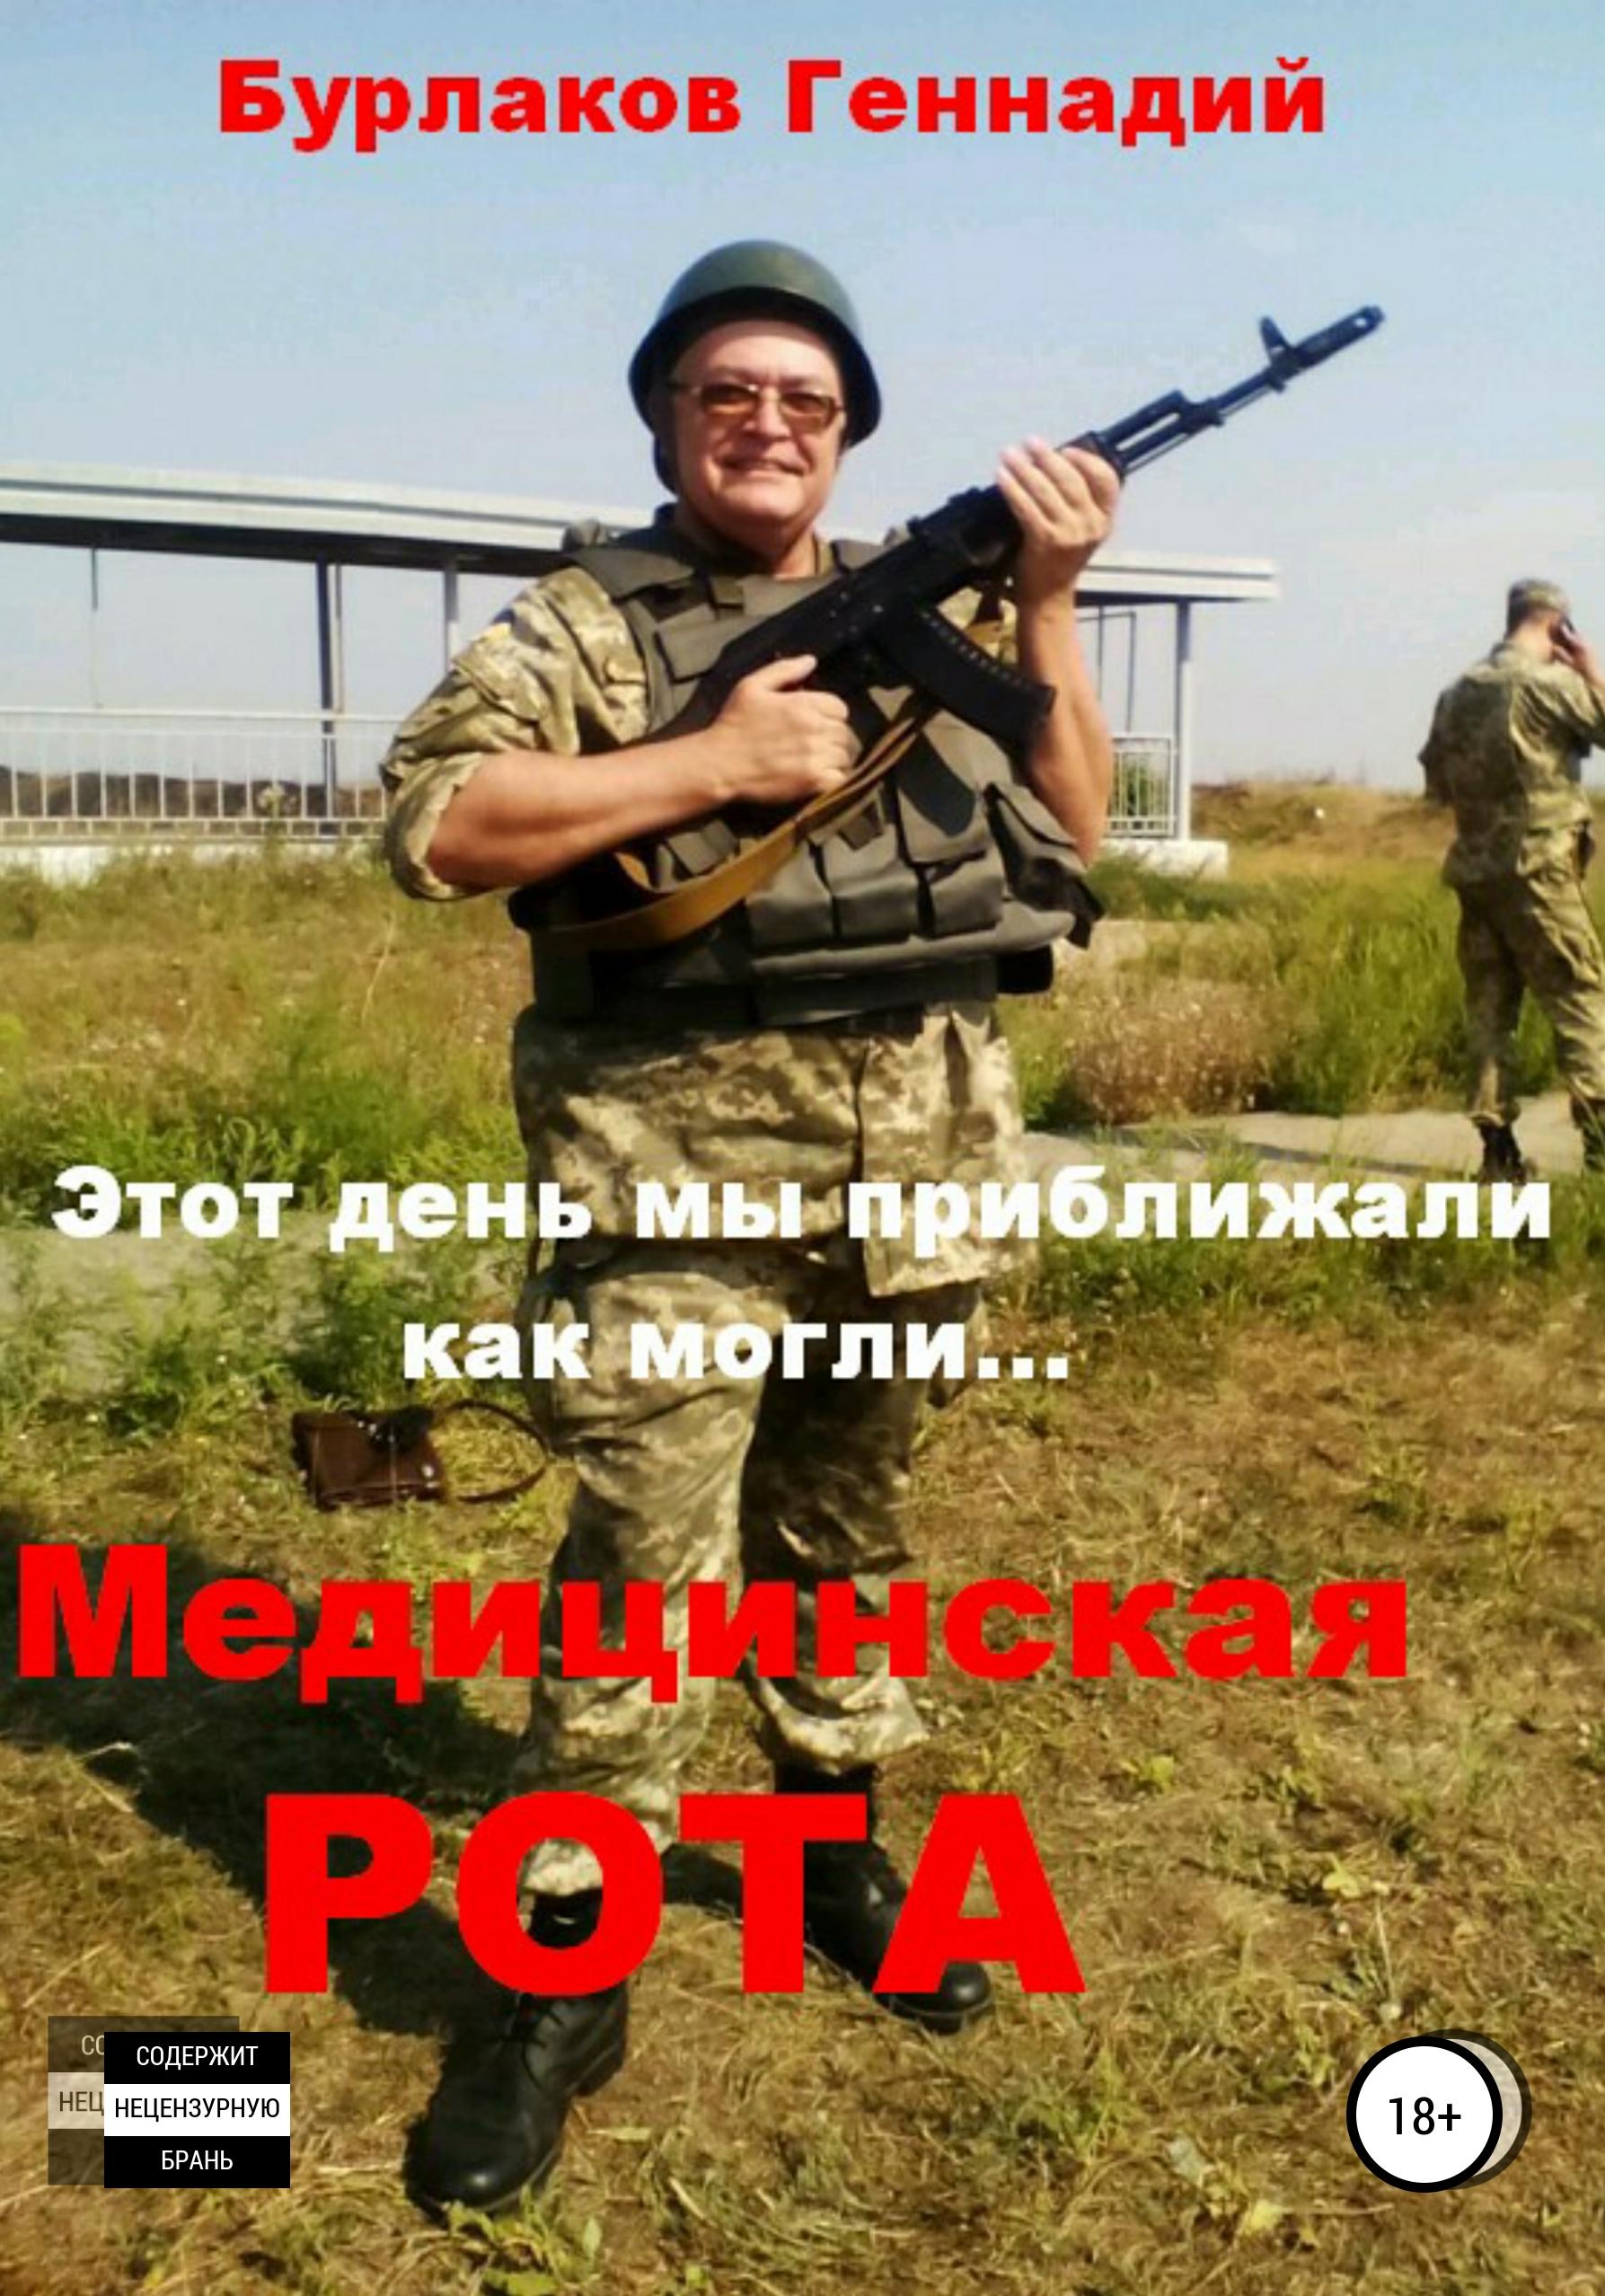 Геннадий Анатольевич Бурлаков Медицинская рота